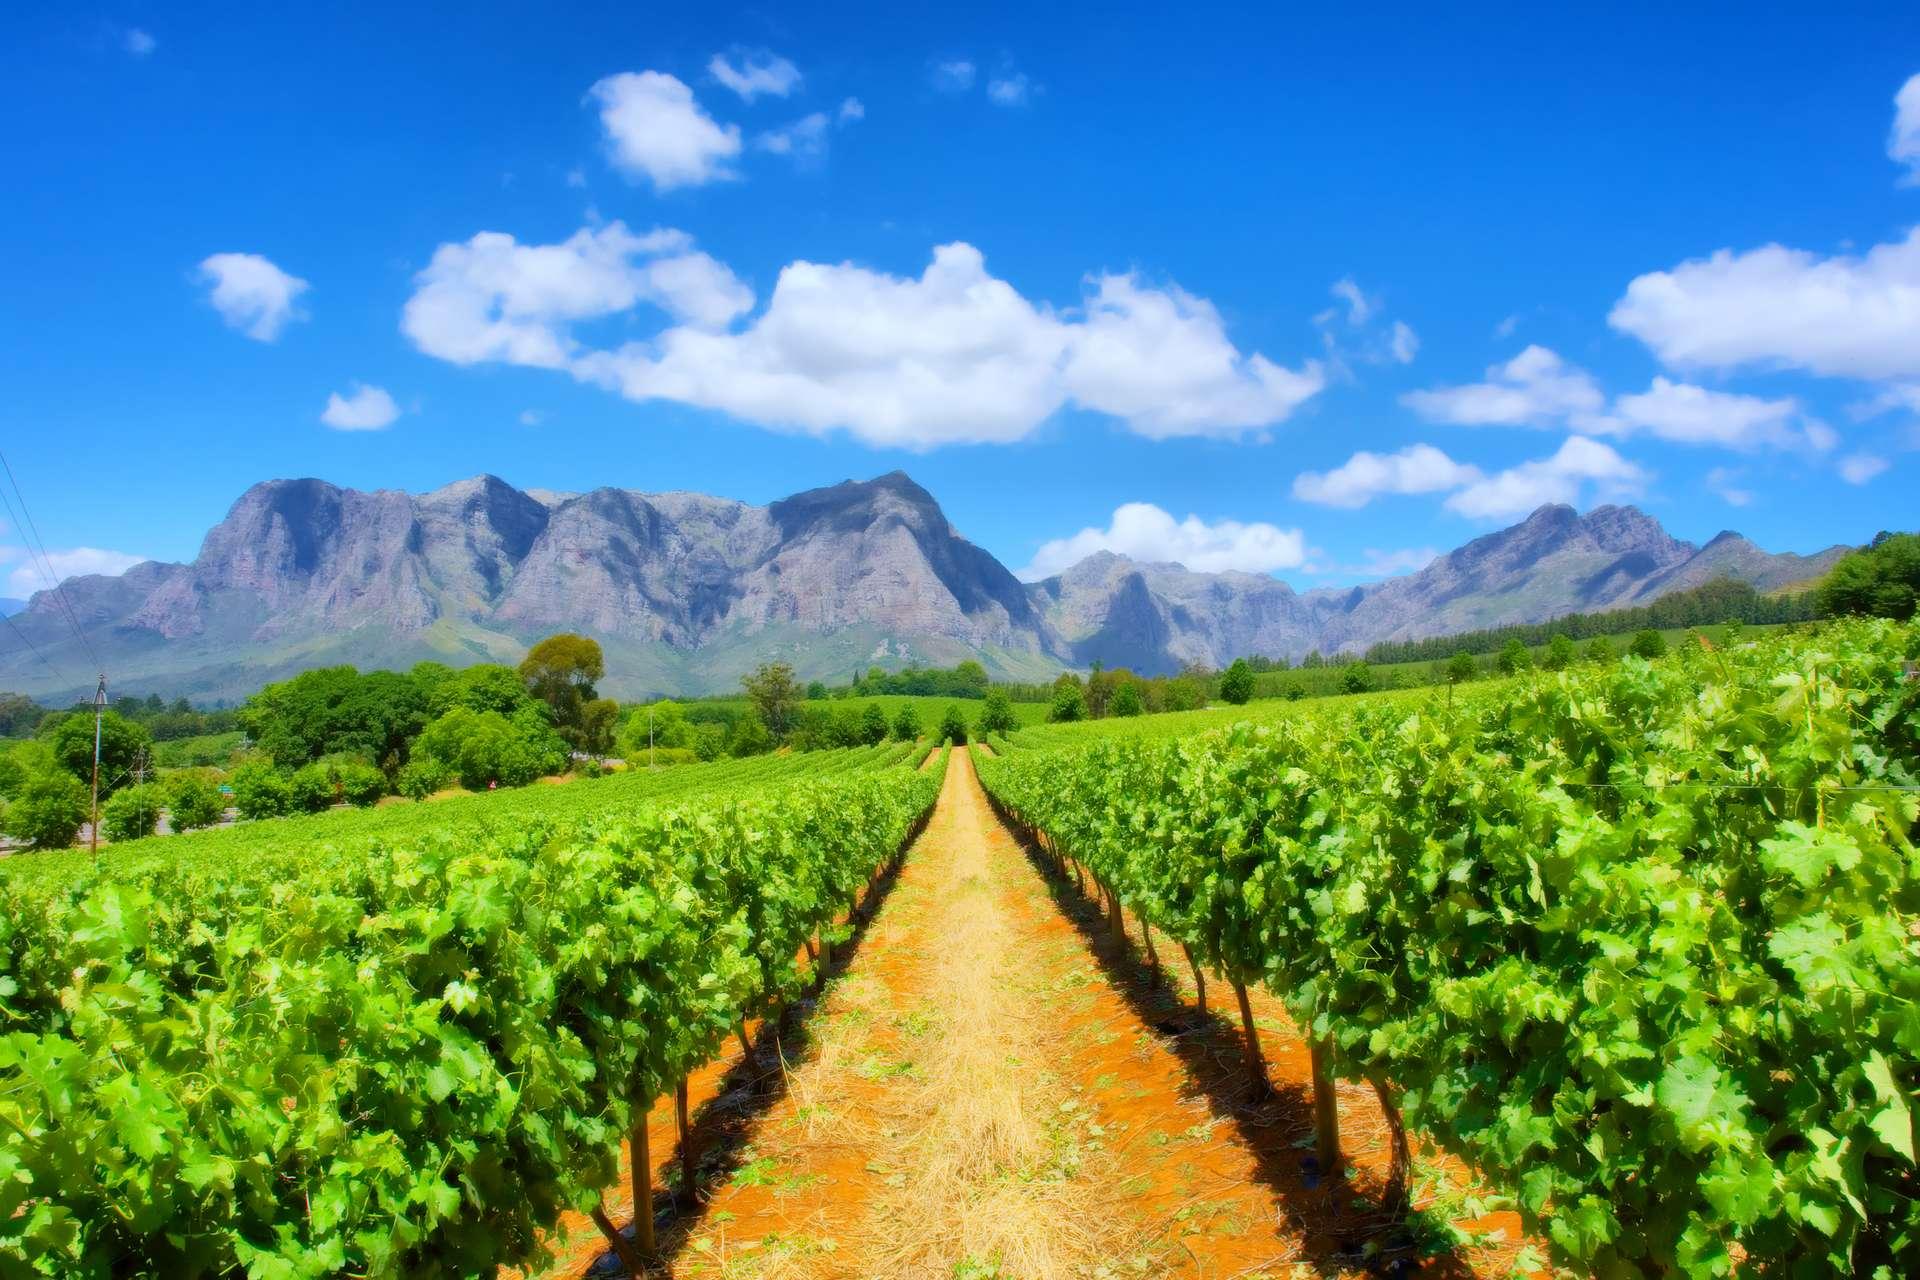 Zuid Afrika wijngaard in de buurt van Kaapstad